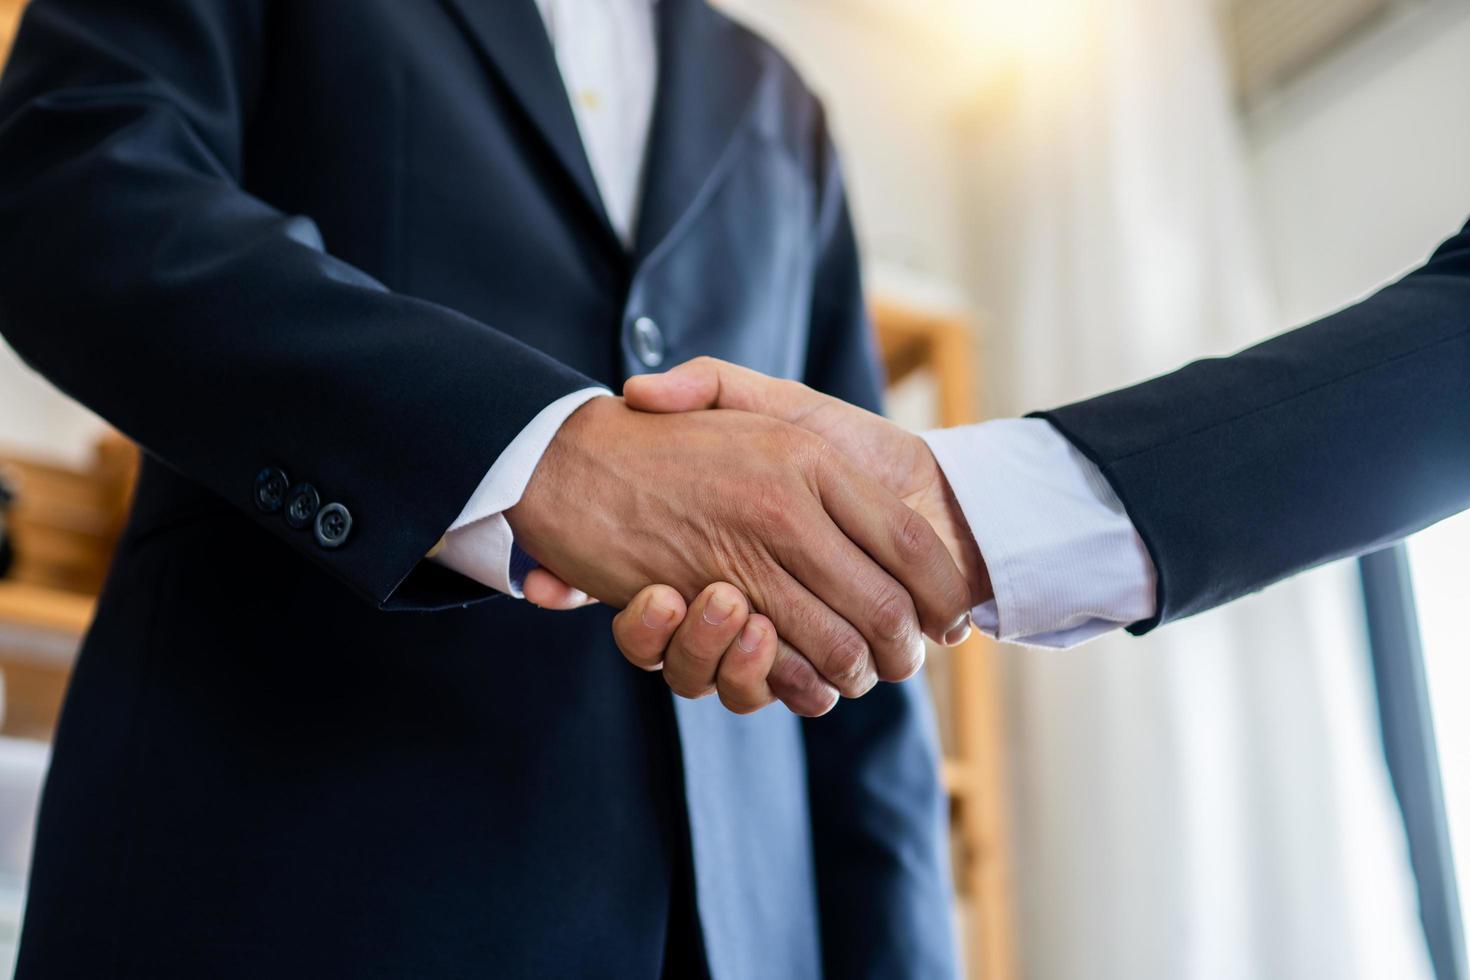 twee zakenlieden schudden elkaar de hand om een onderhandelingsovereenkomst op het werk af te sluiten foto